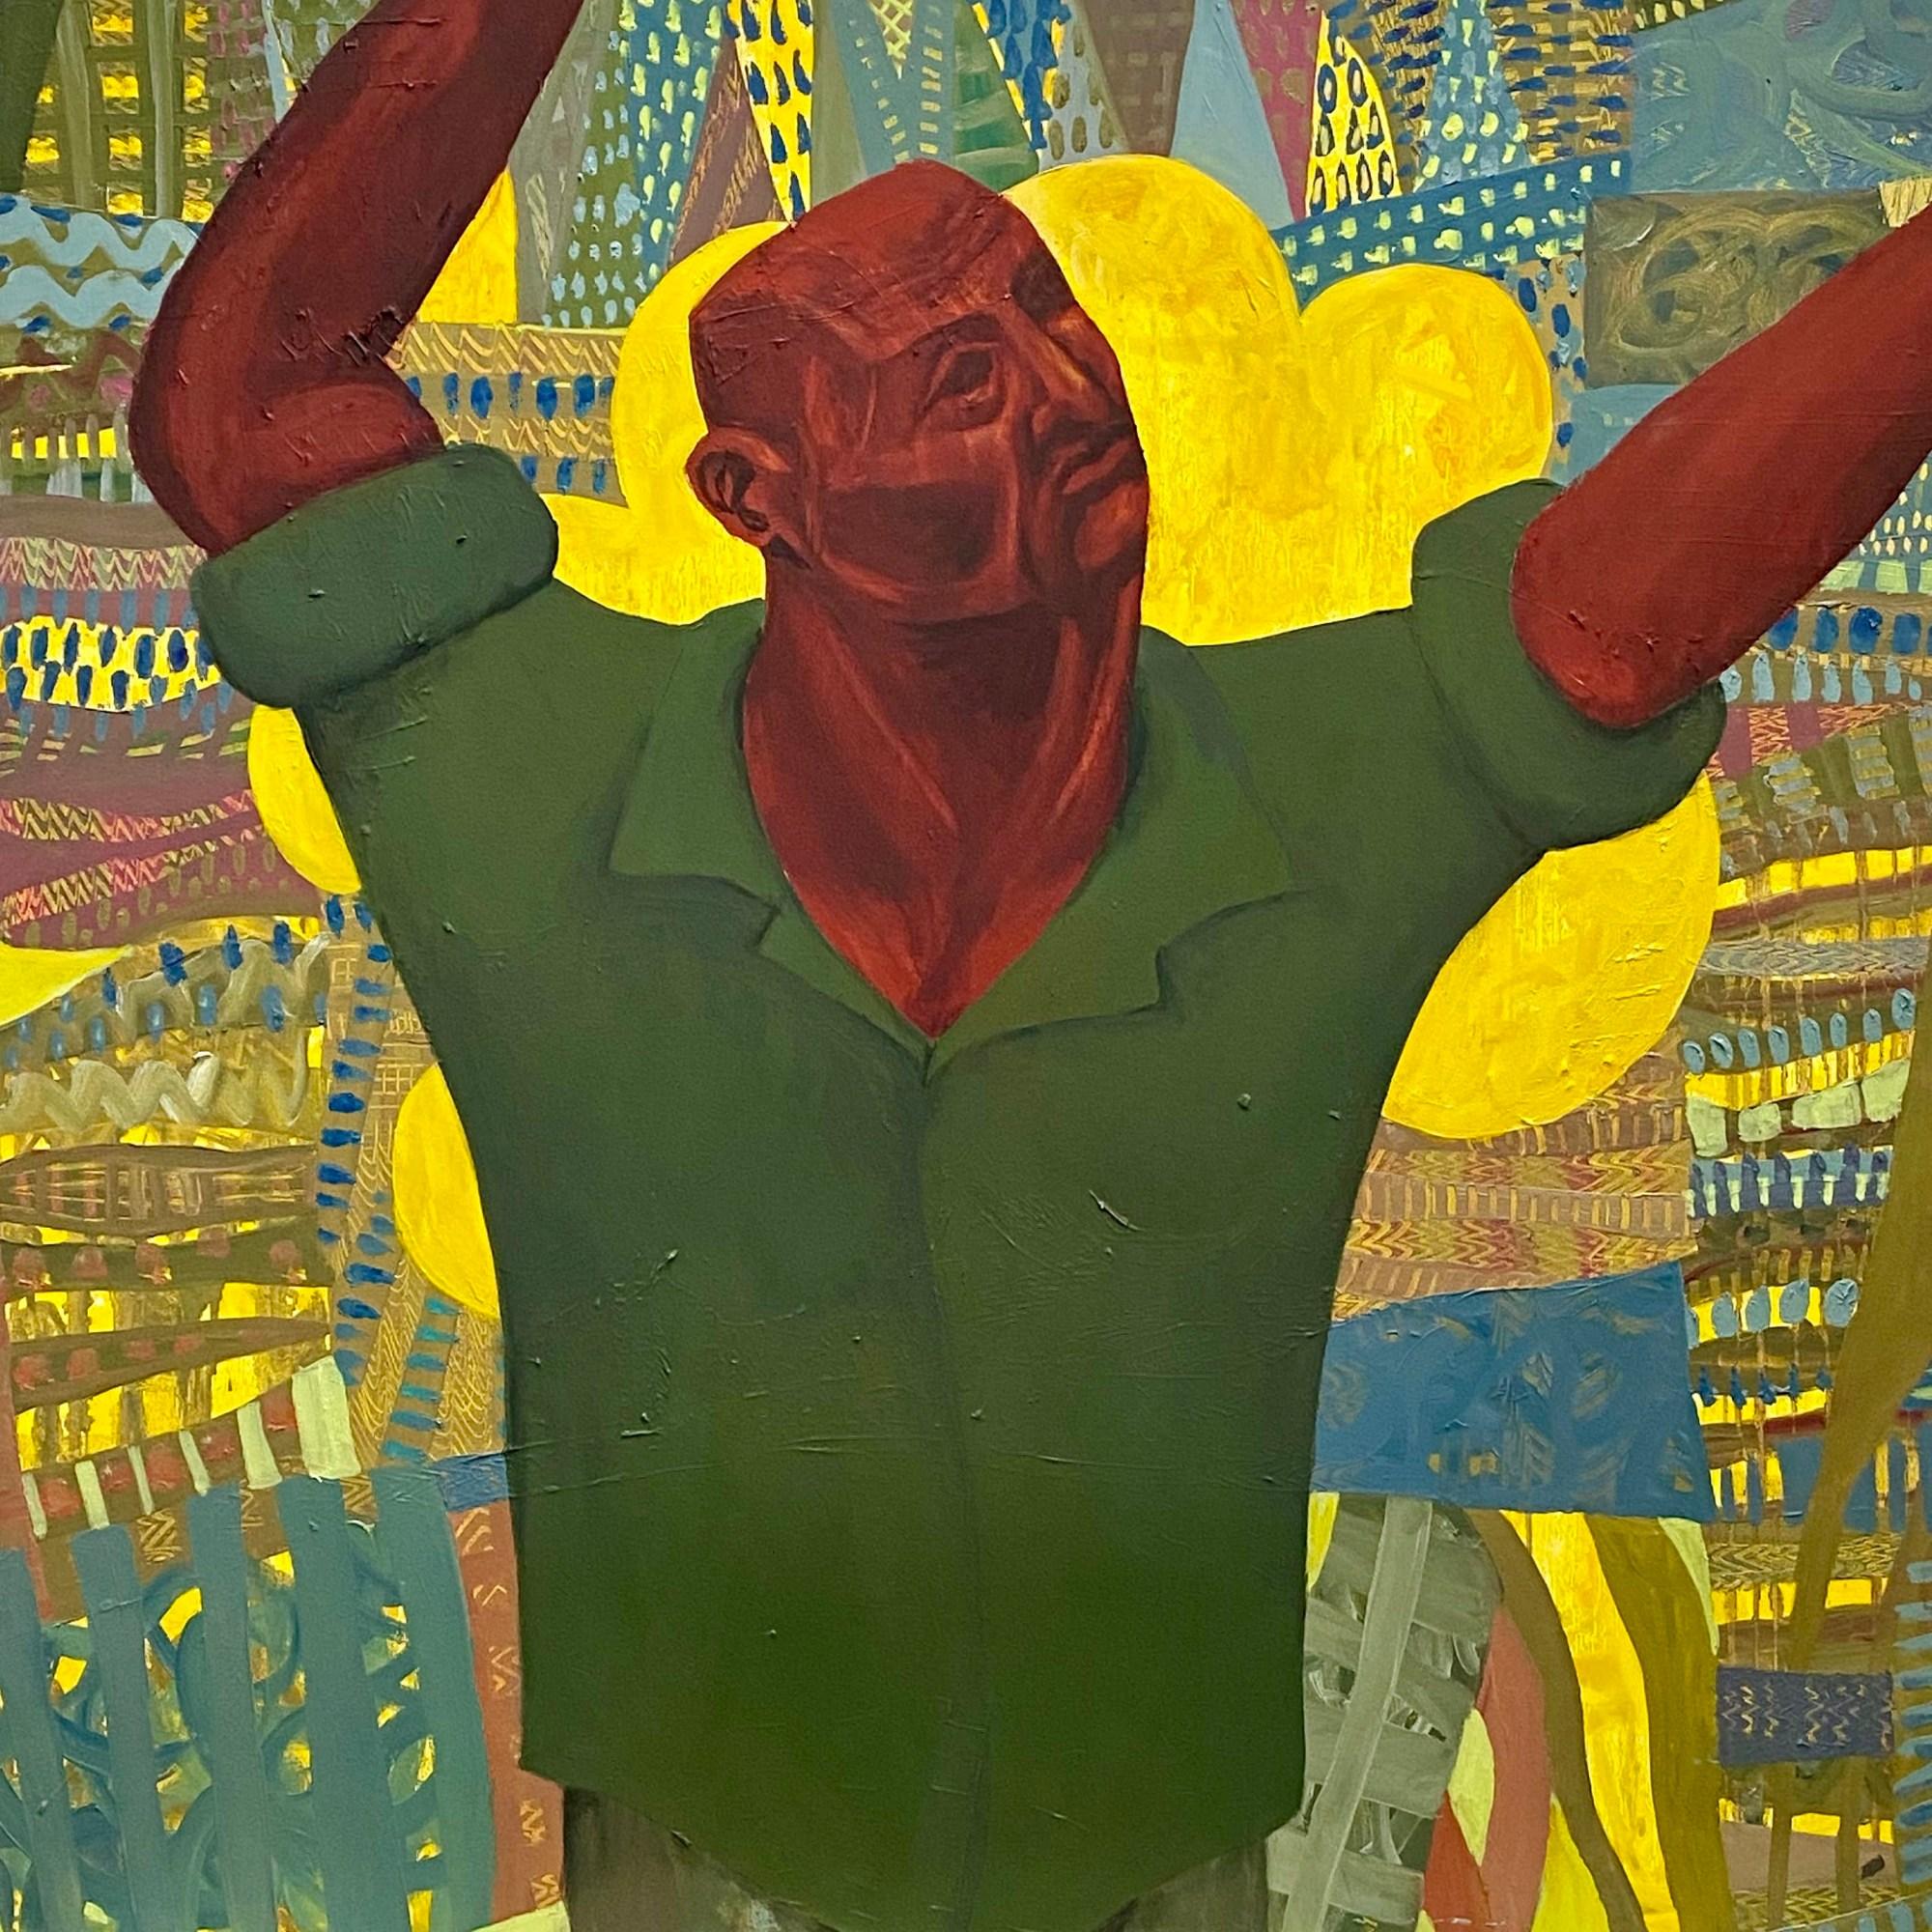 """קטיף עמירים 2020 שמן על בד 100 / 100 ס""""מ Picking High Fruit 2020. Oil on canvas 100 x 100 cm"""